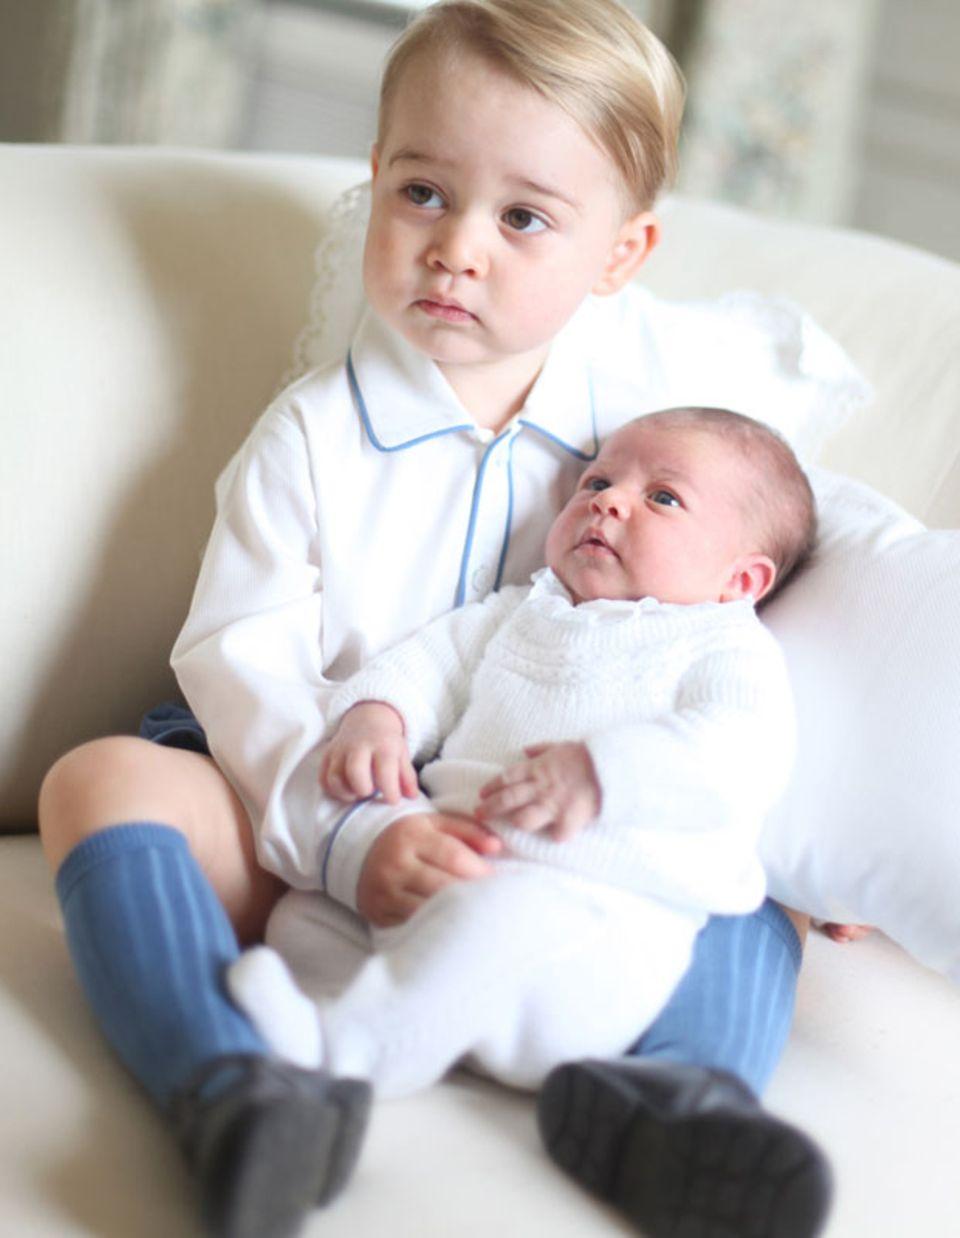 Königlich kuscheln: Prinz und Prinzessin verstehen sich bestens